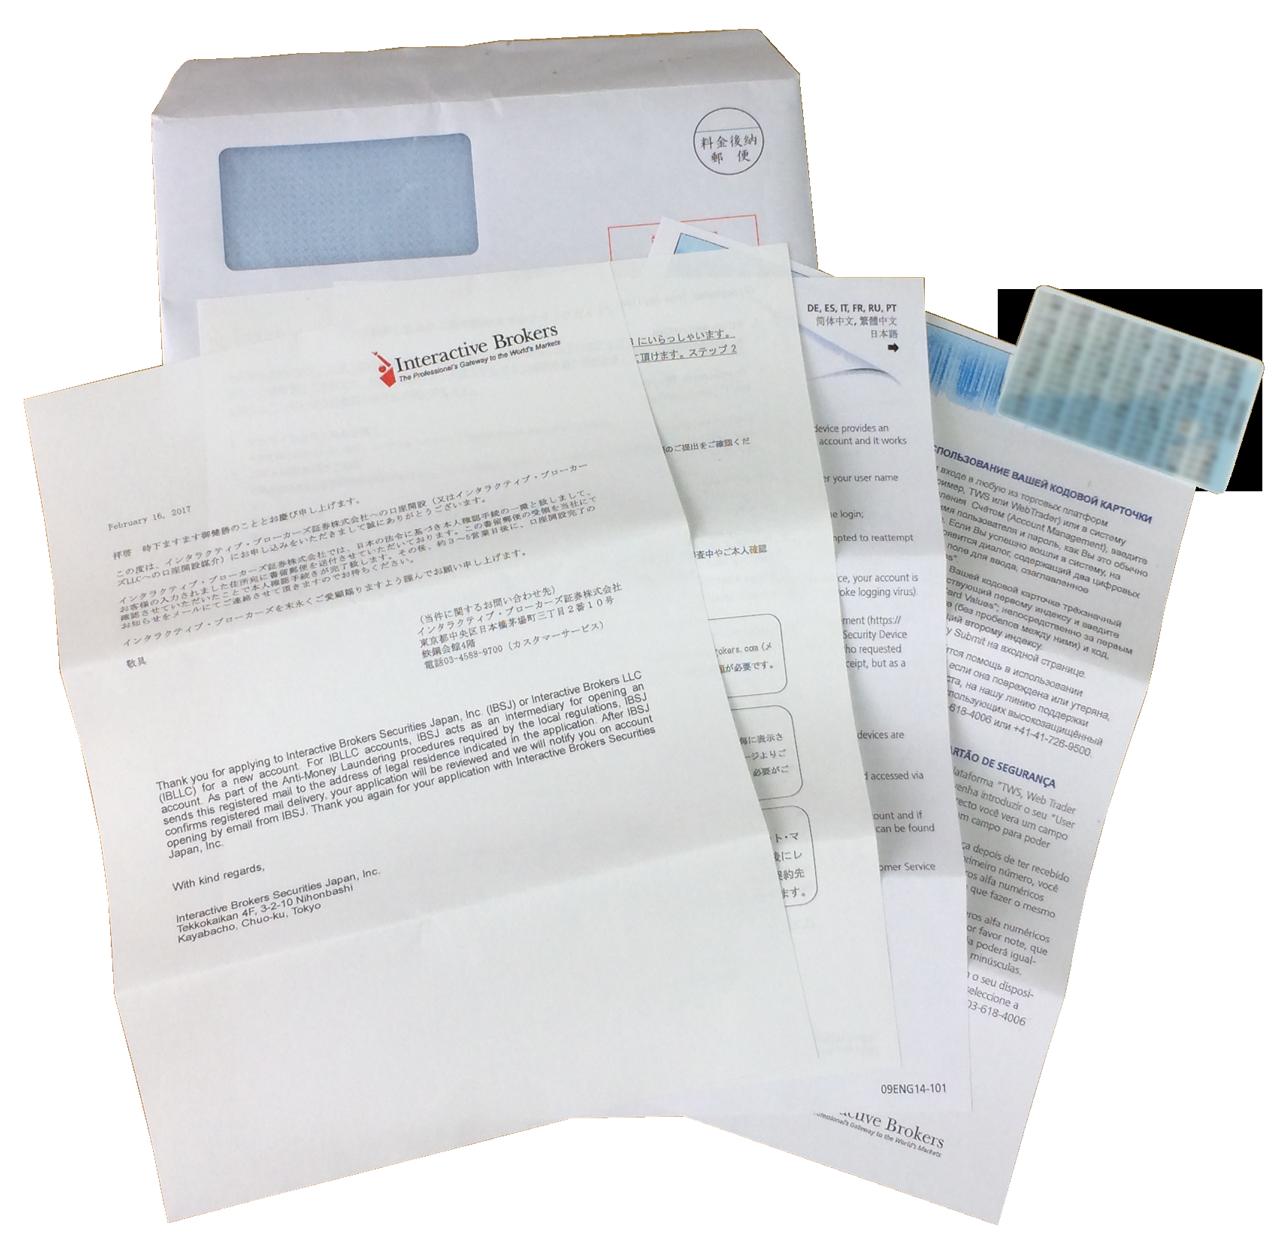 インタラクティブ・ブローカーズ証券(IB証券)確認書類の内容